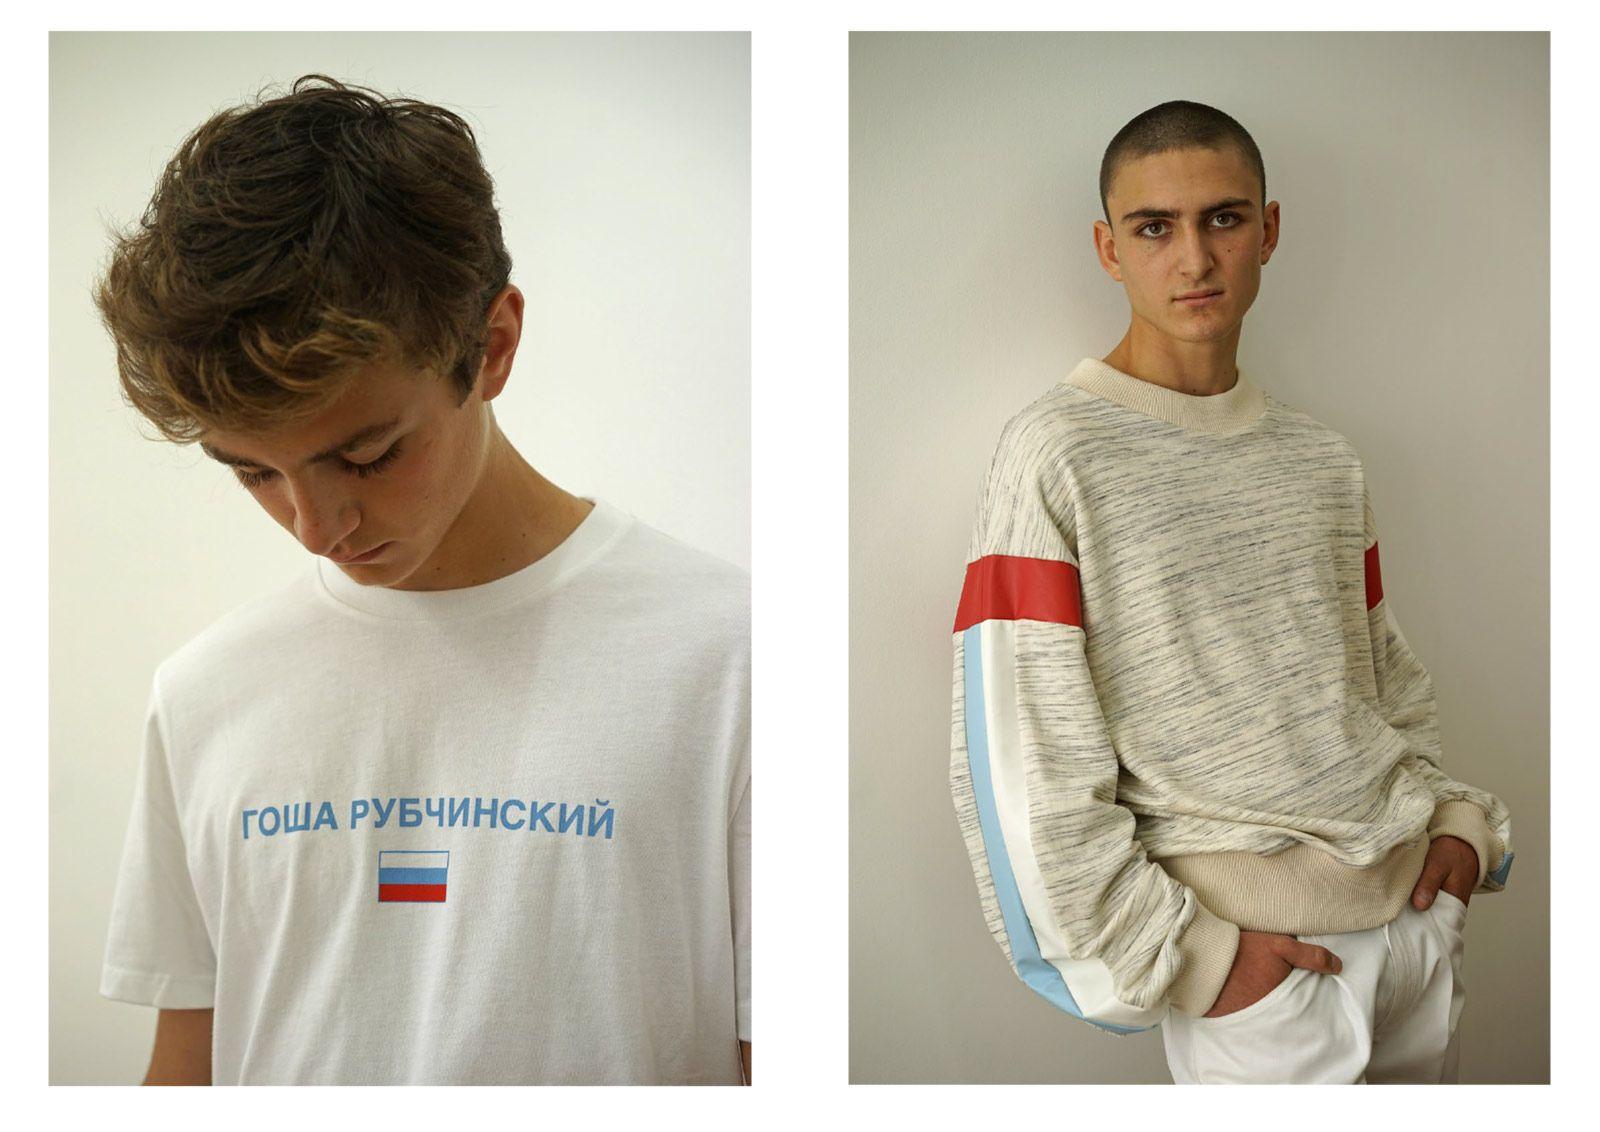 S/S 2016 / Collections / ГОША РУБЧИНСКИЙ